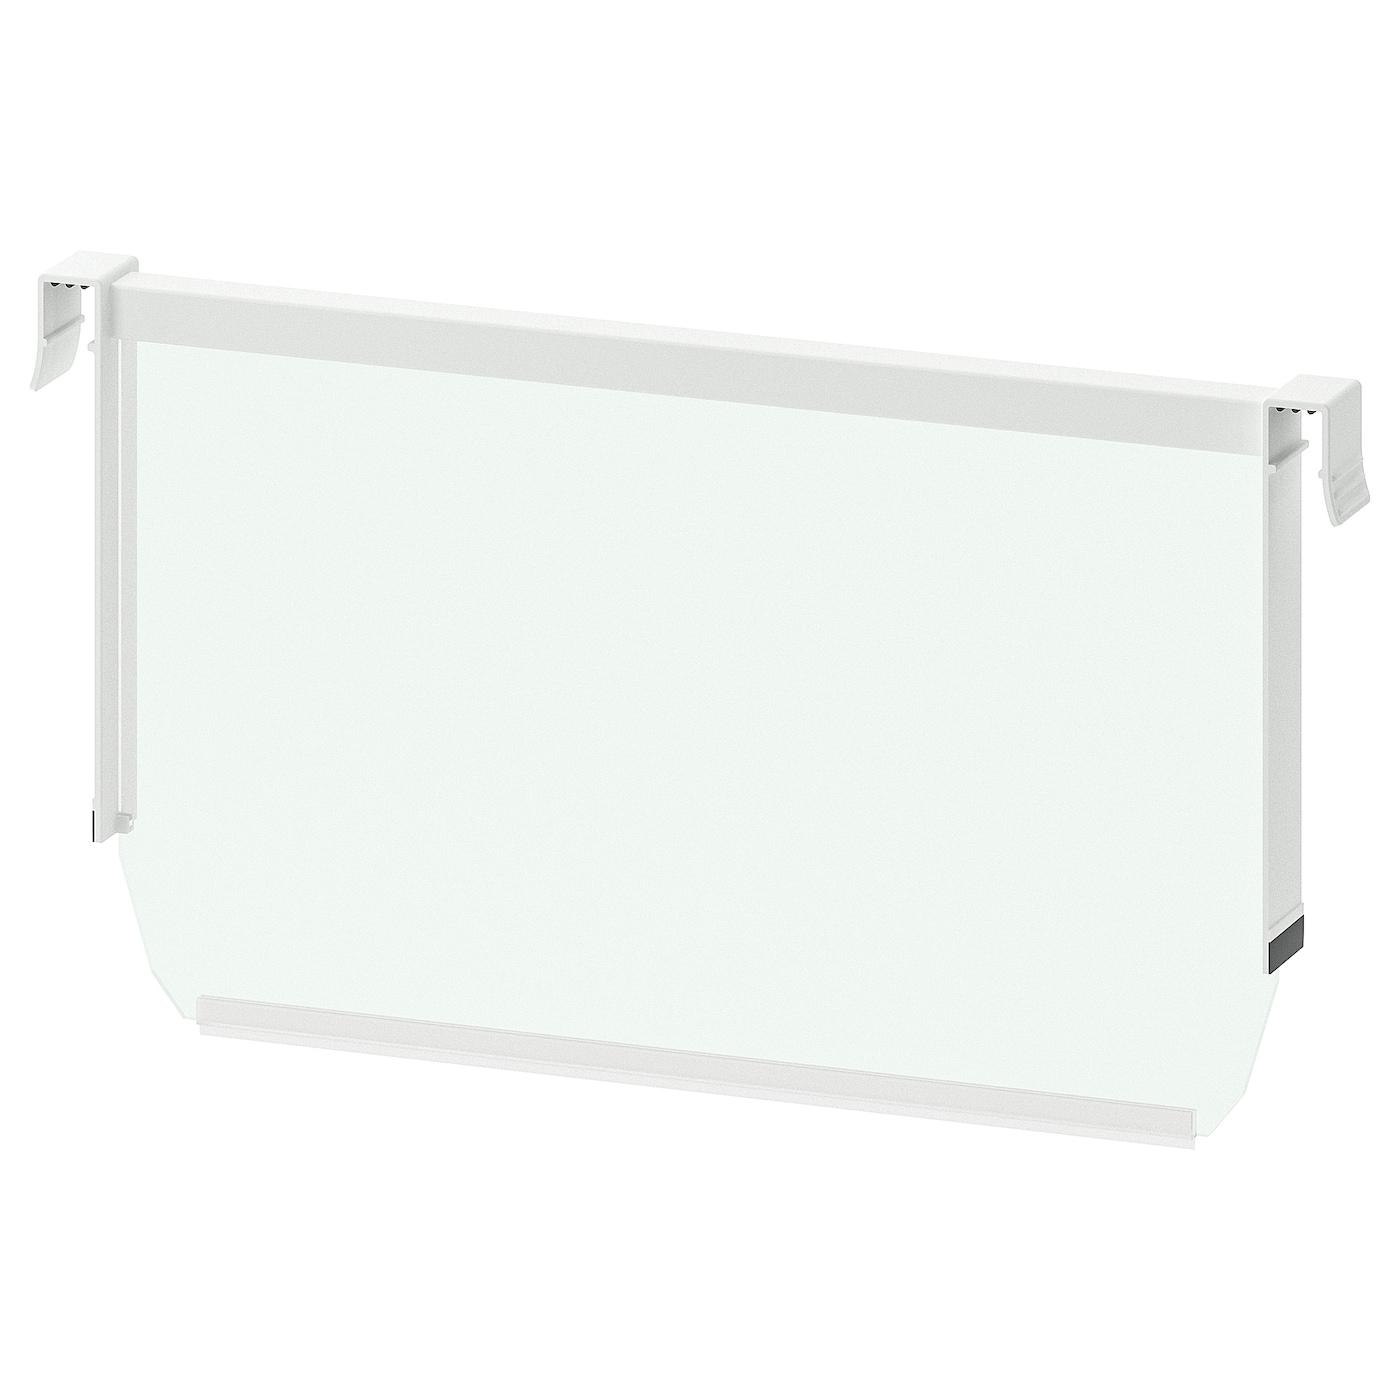 MAXIMERA Trennsteg Für Hohe Schublade Weiß Transparent